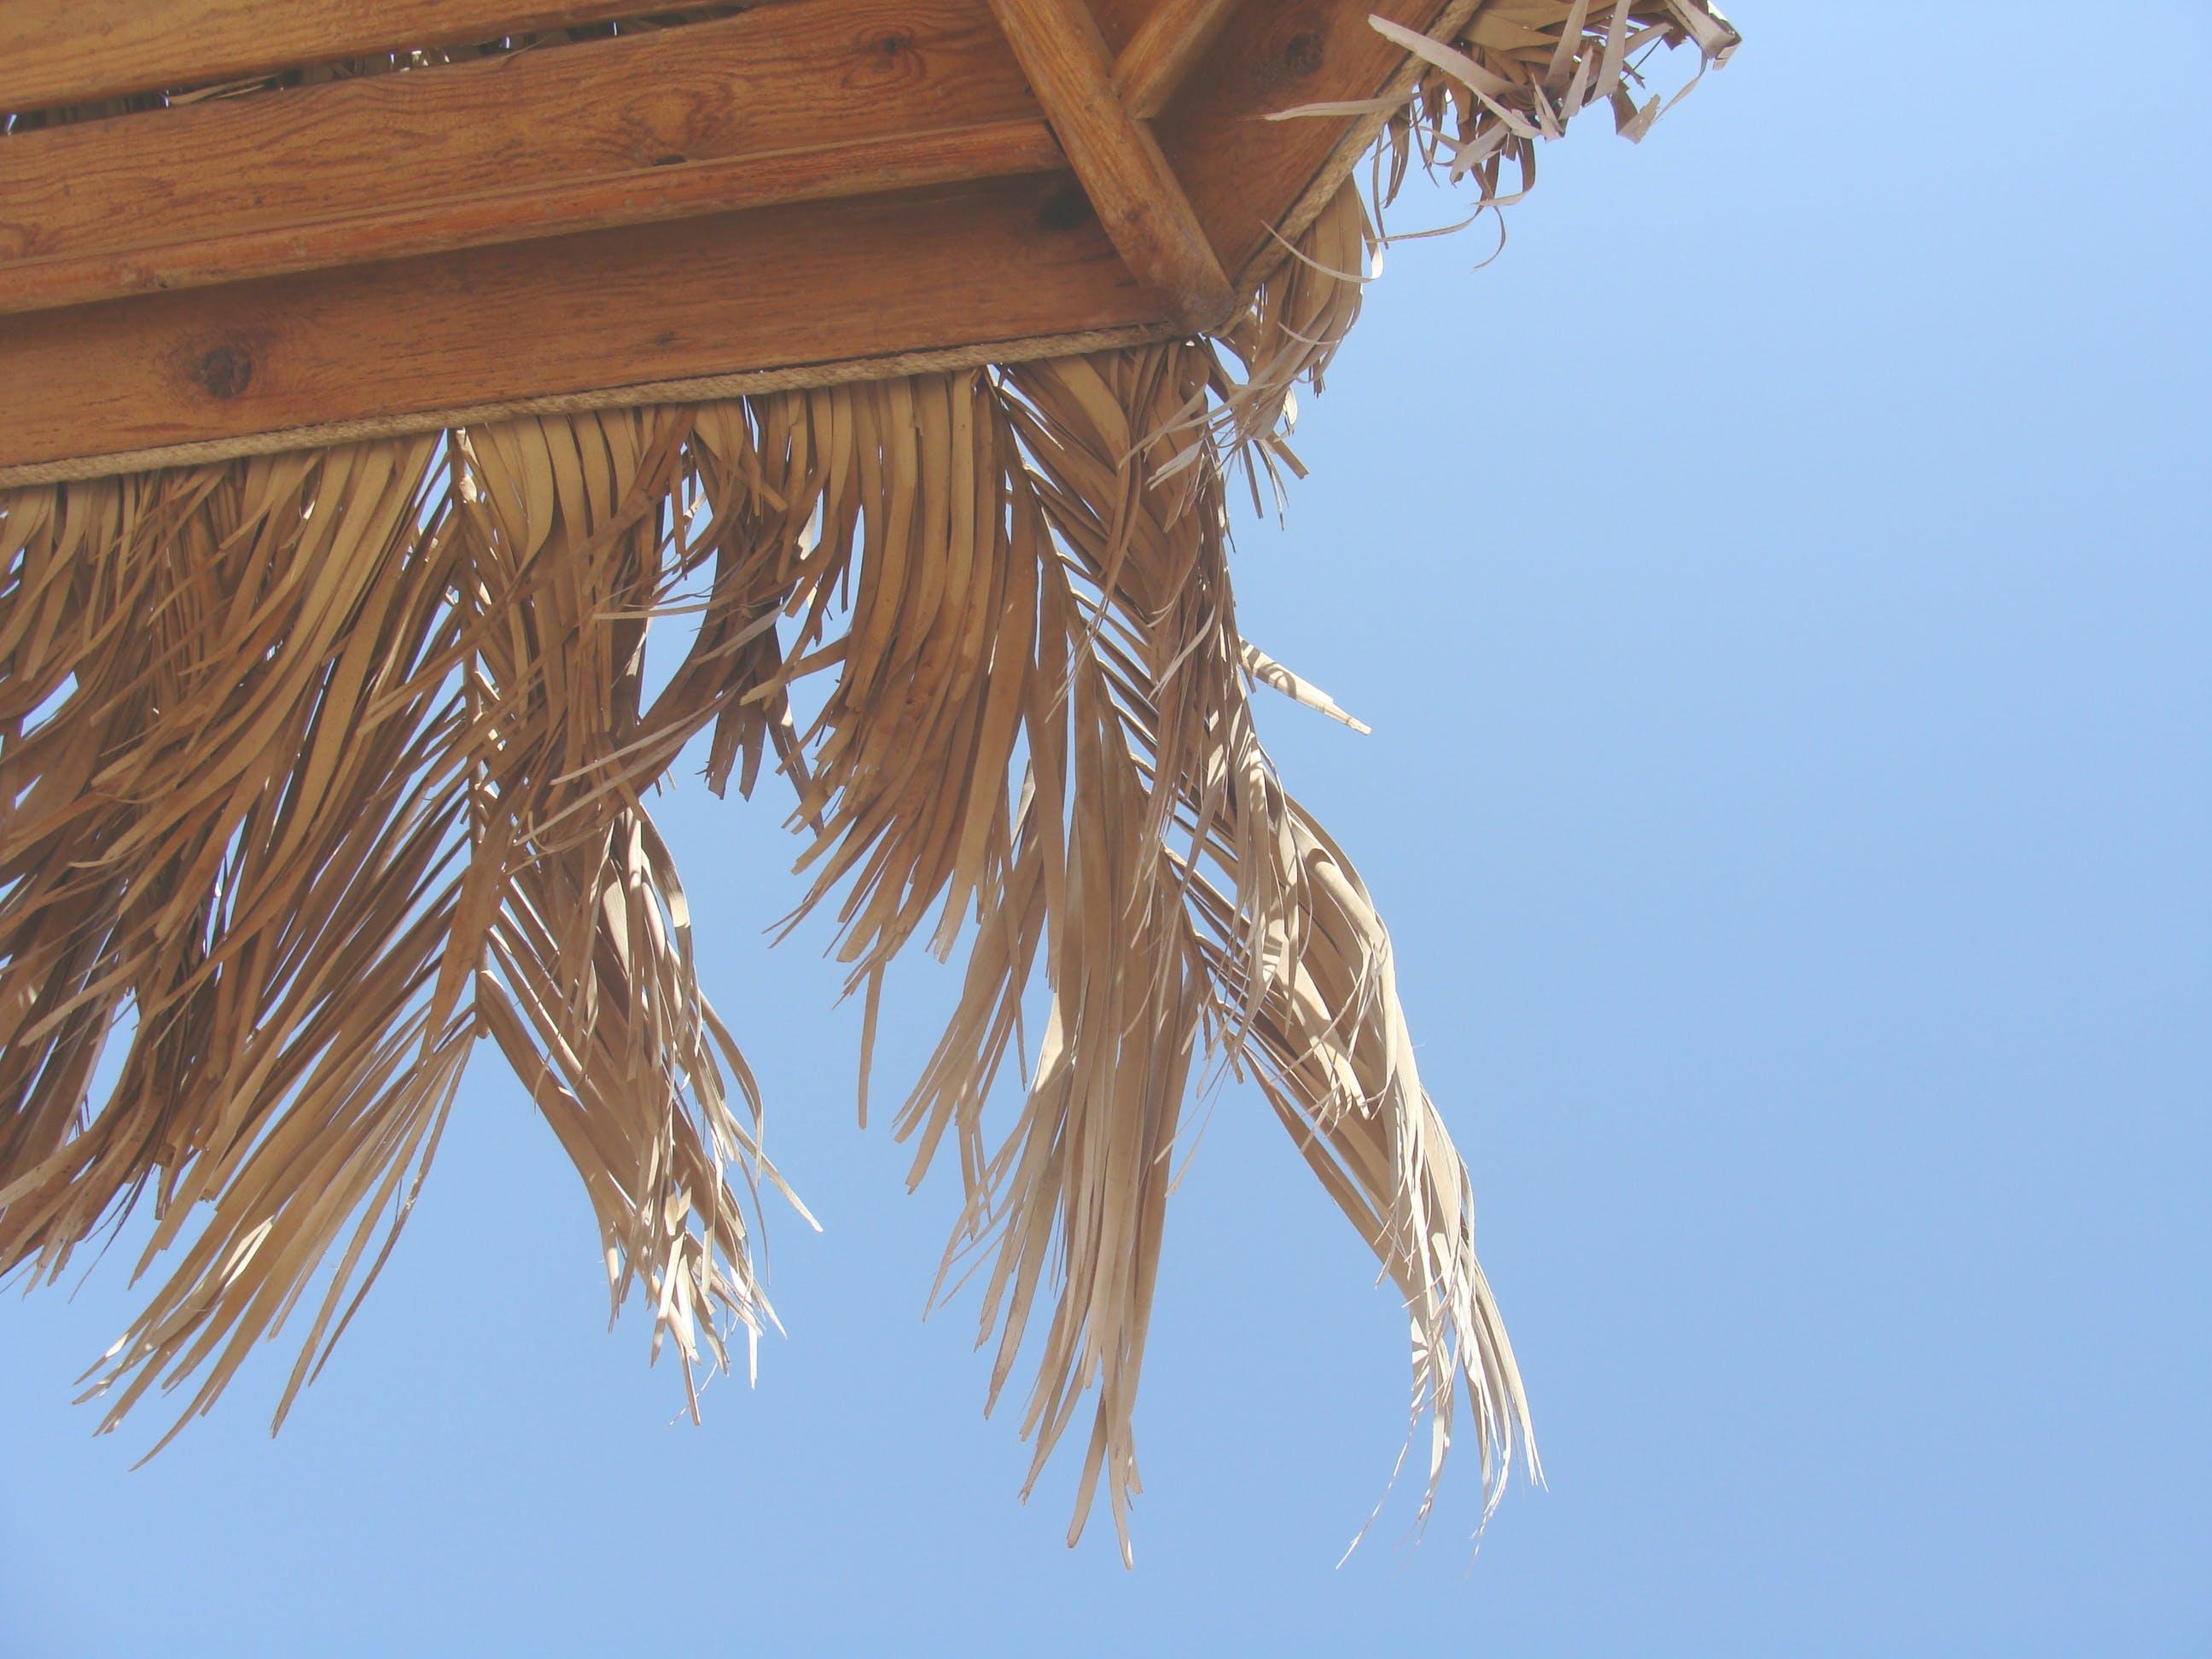 Kostenloses Stock Foto zu himmel, meer, palme, regenschirm